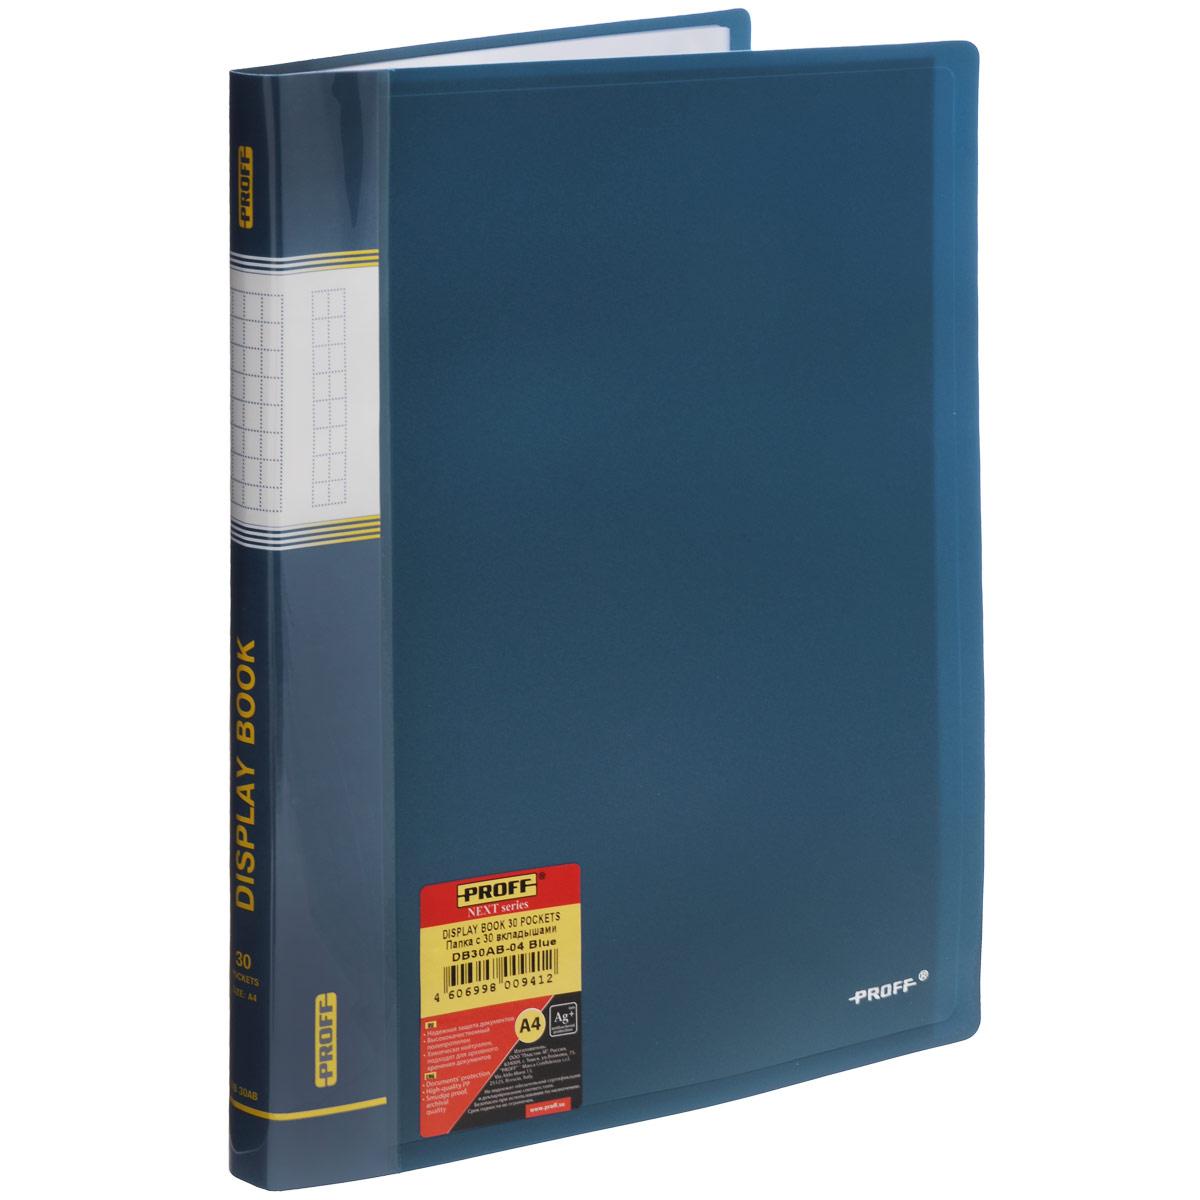 Proff Папка с файлами Next 30 листов цвет синий83321ОПапка с файлами Proff Next - это удобный и практичный офисный инструмент, предназначенный для хранения и транспортировки рабочих бумаг и документов формата А4.Обложка выполнена из плотного полипропилена. Папка включает в себя 30 прозрачных файлов формата А4. Папка с файлами - это незаменимый атрибут для студента, школьника, офисного работника. Такая папка надежно сохранит ваши документы и сбережет их от повреждений, пыли и влаги.